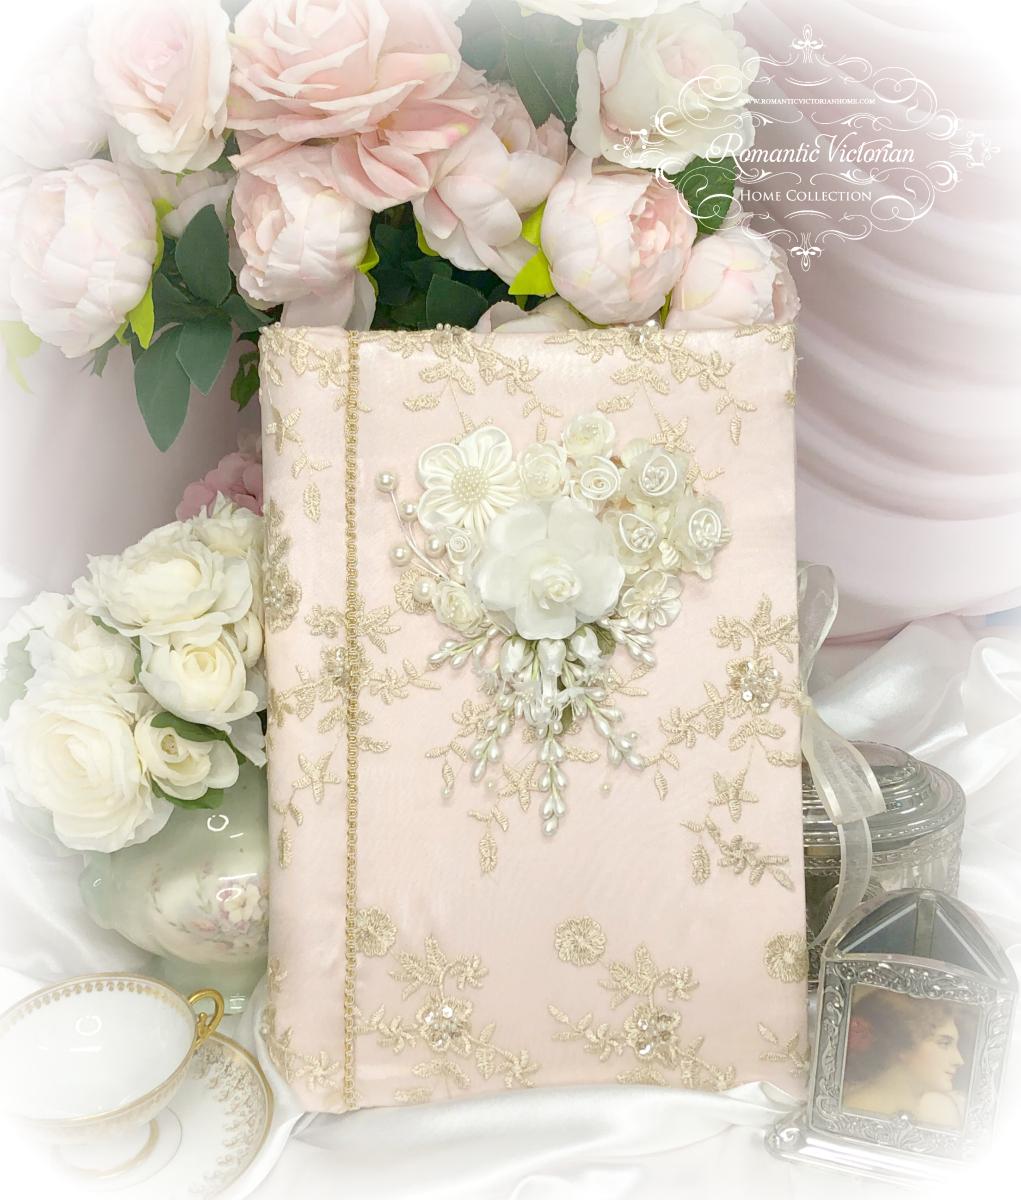 Image 1 of Large Rose Gold Romantic Victorian Photo Album